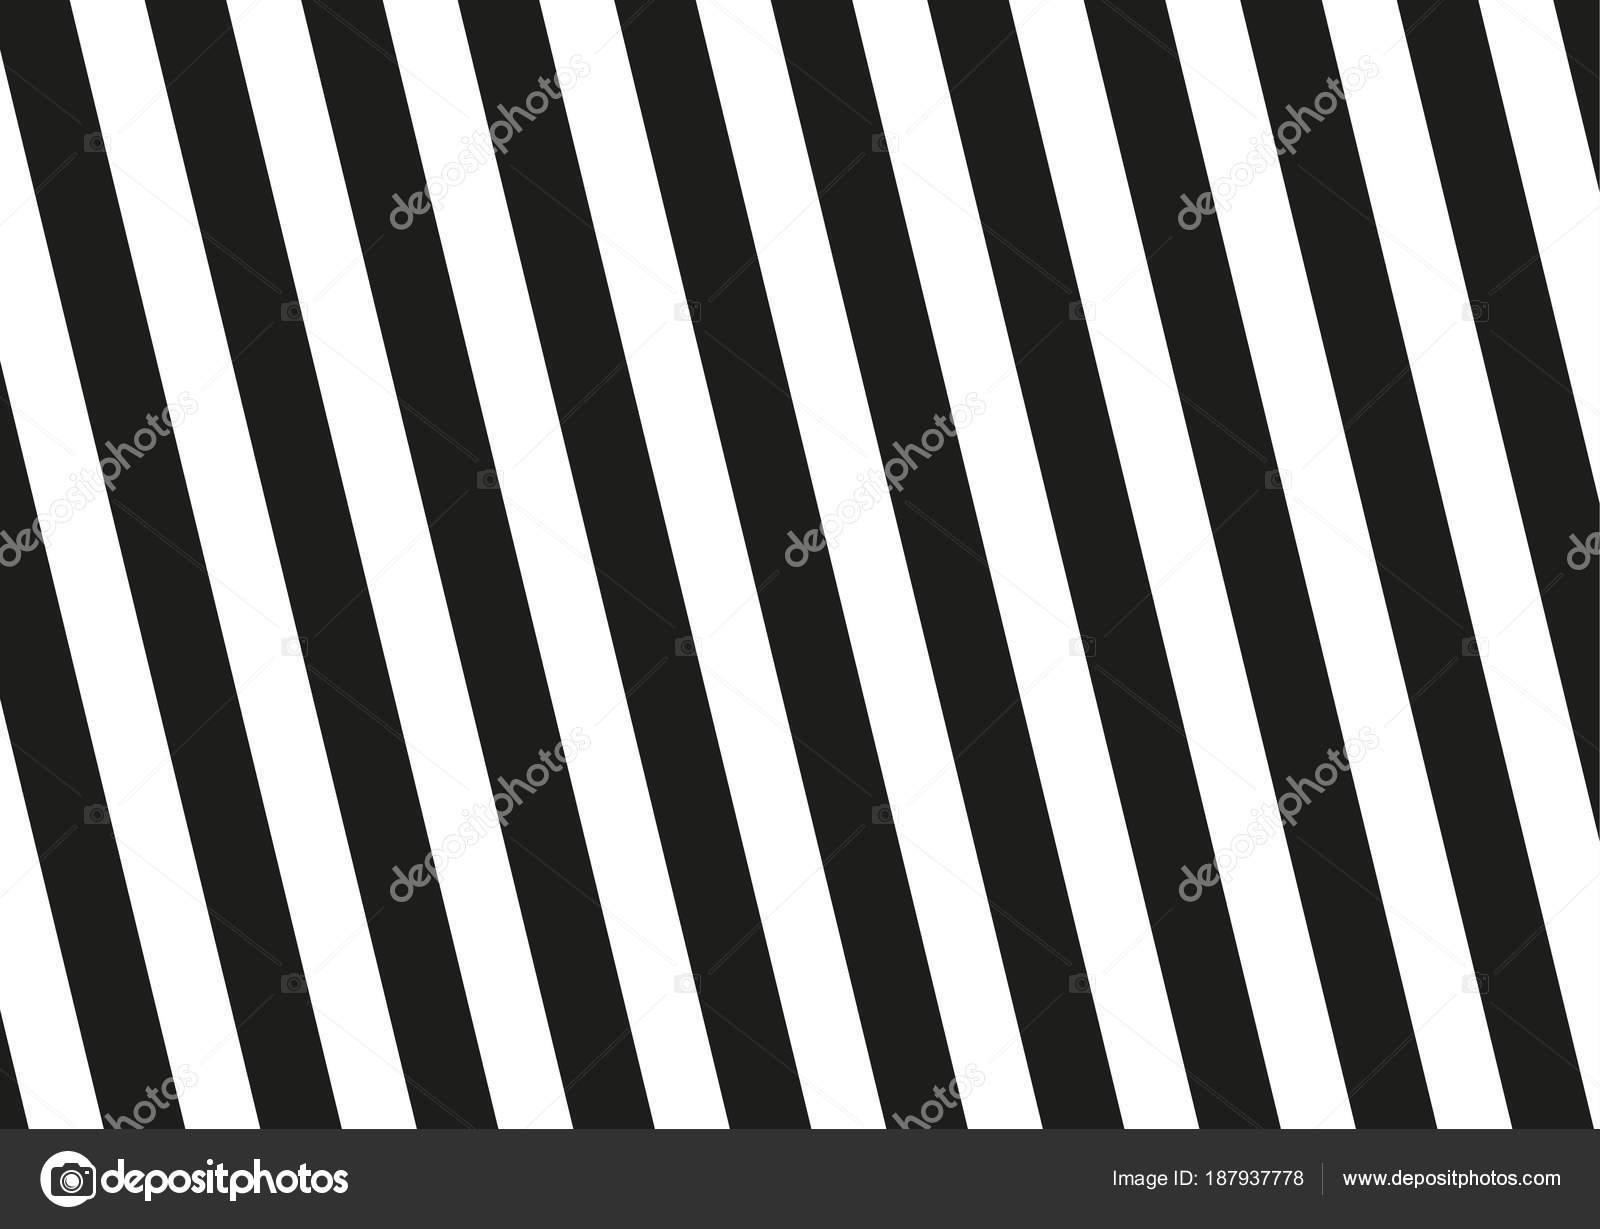 Gestreifte Muster Mit Diagonalen Streifen Vektor Illustration Hintergrund  Mit Schrägen Linien U2014 Vektor Von Annagolant